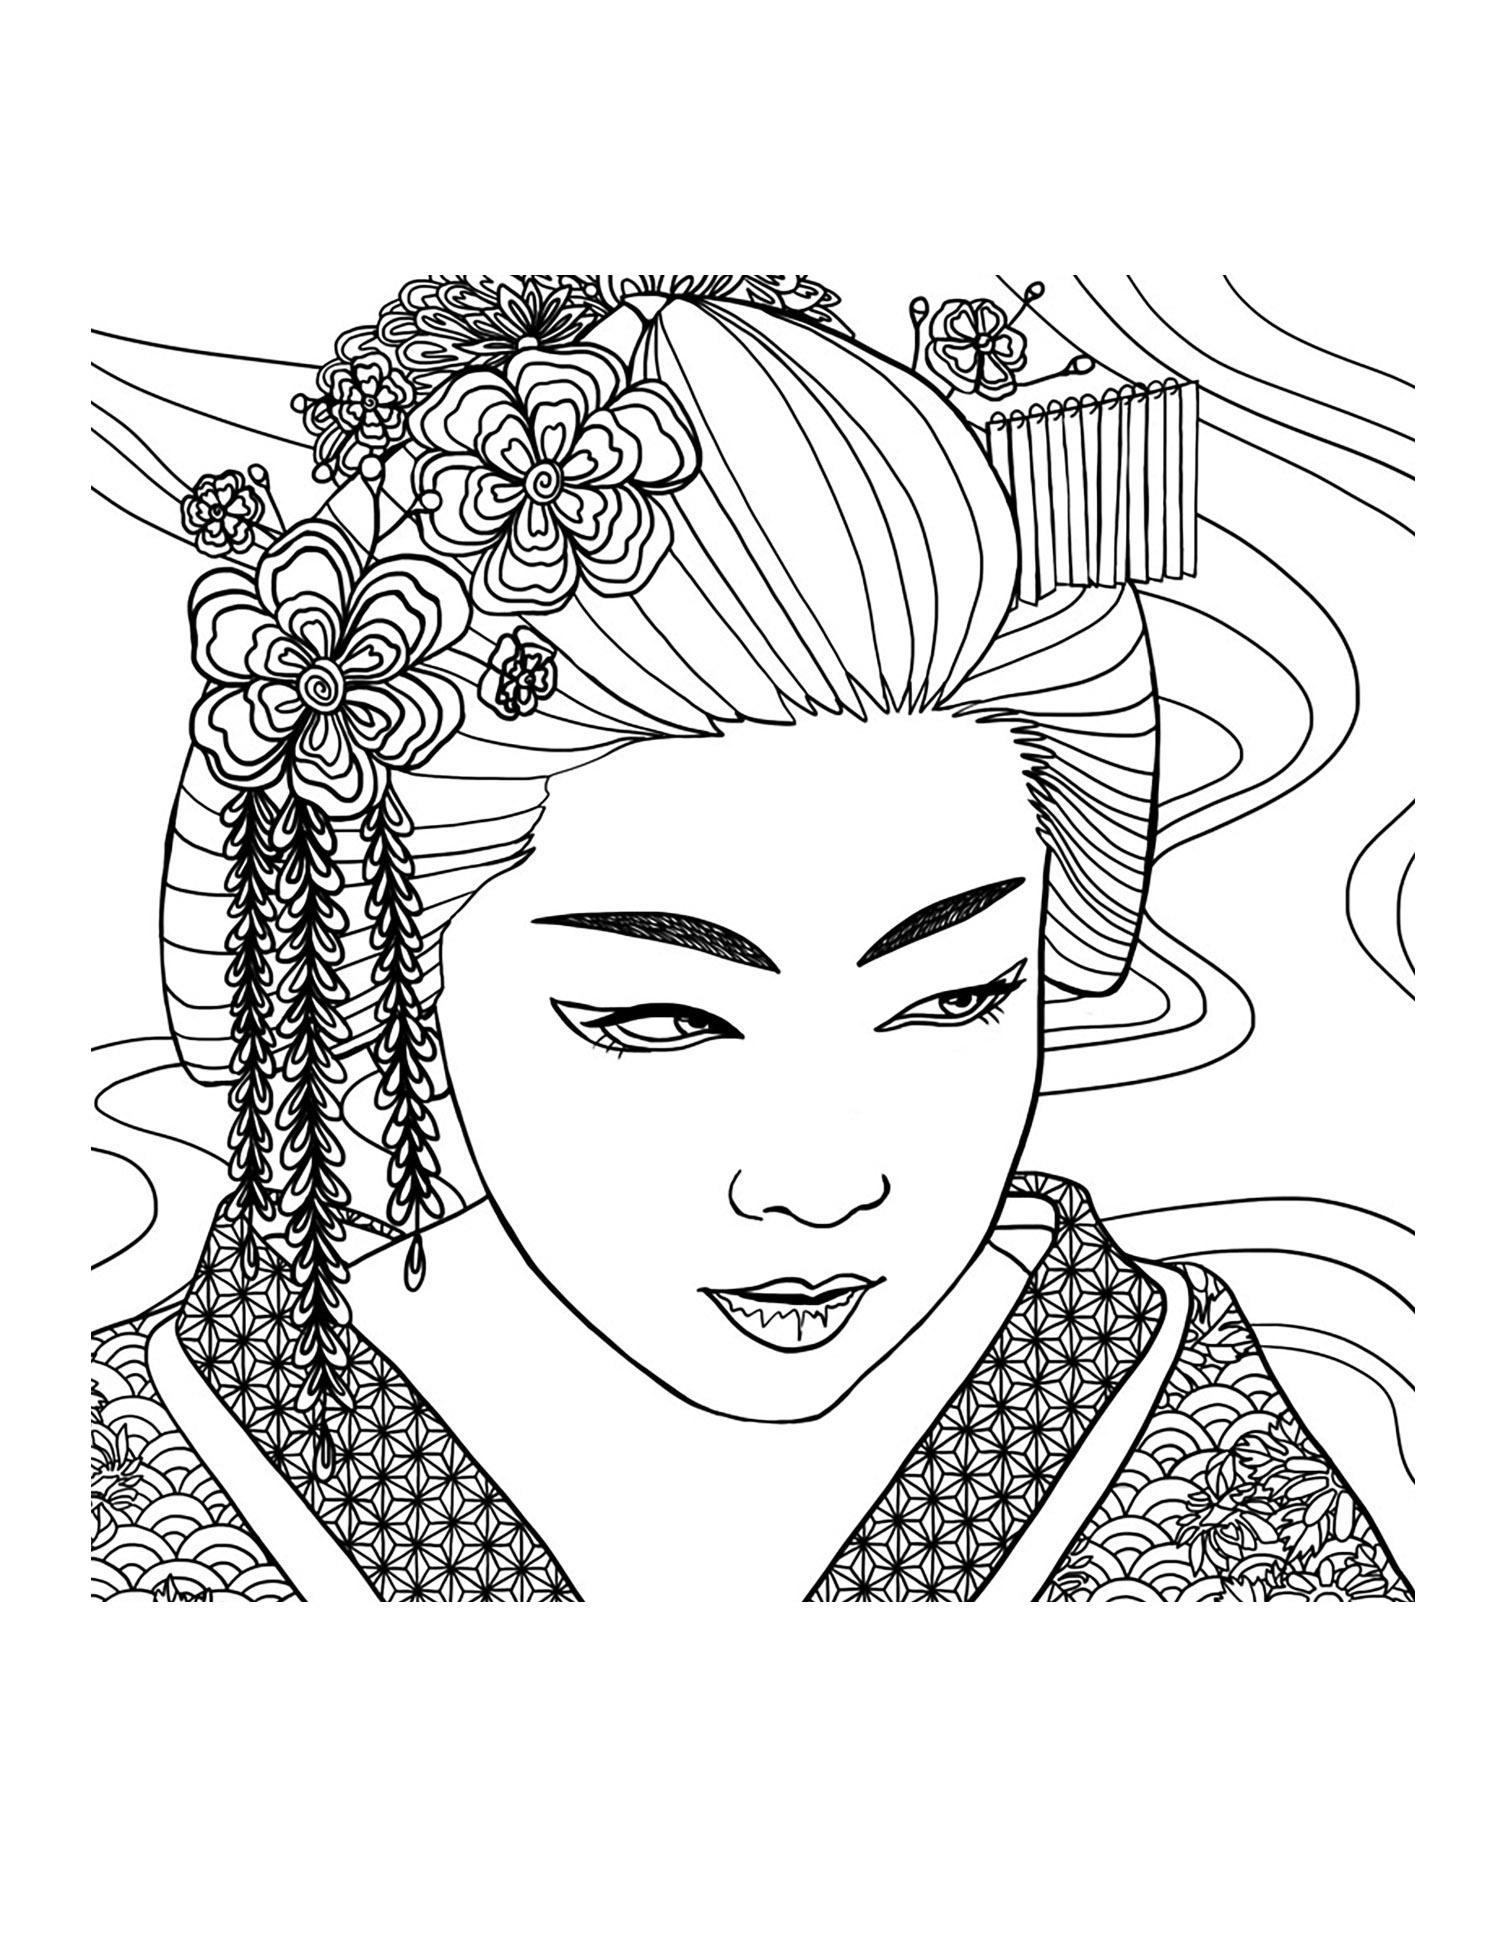 Coloriage A Imprimer Visage.Pour Geisha Visage Coloriage Adulte Coloriages Pour Enfants